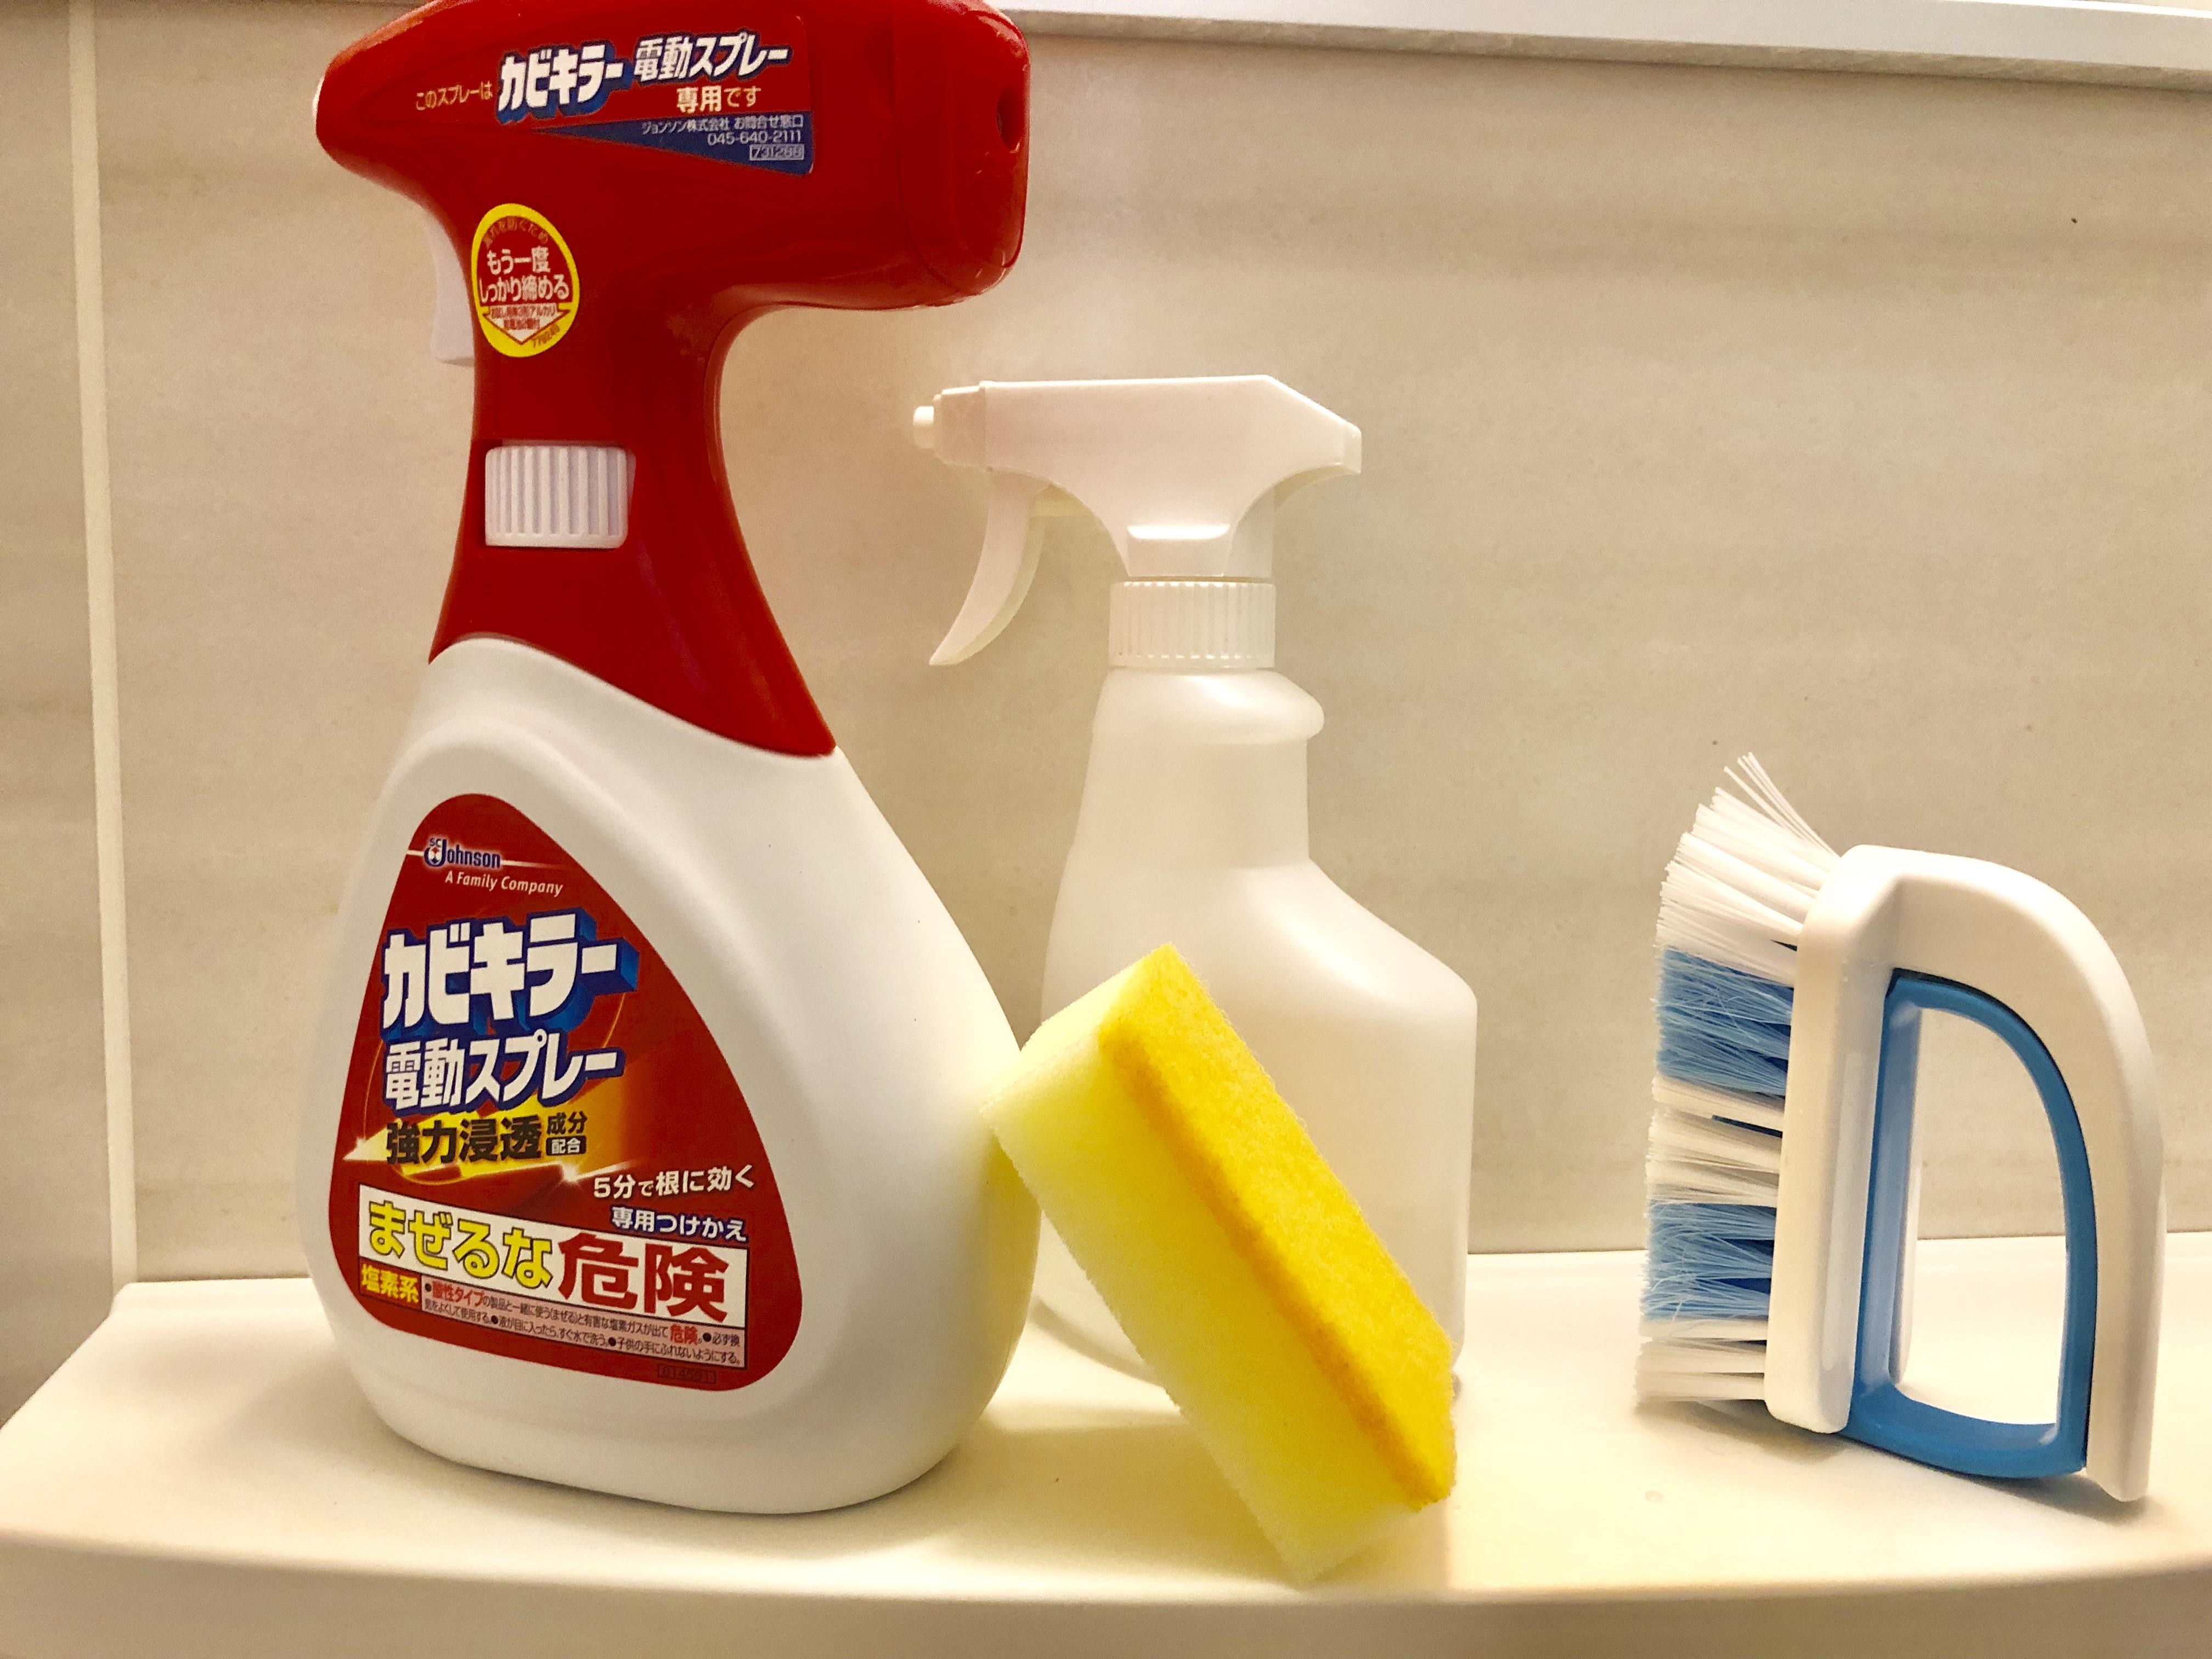 浴槽エプロン内に洗剤を塗布